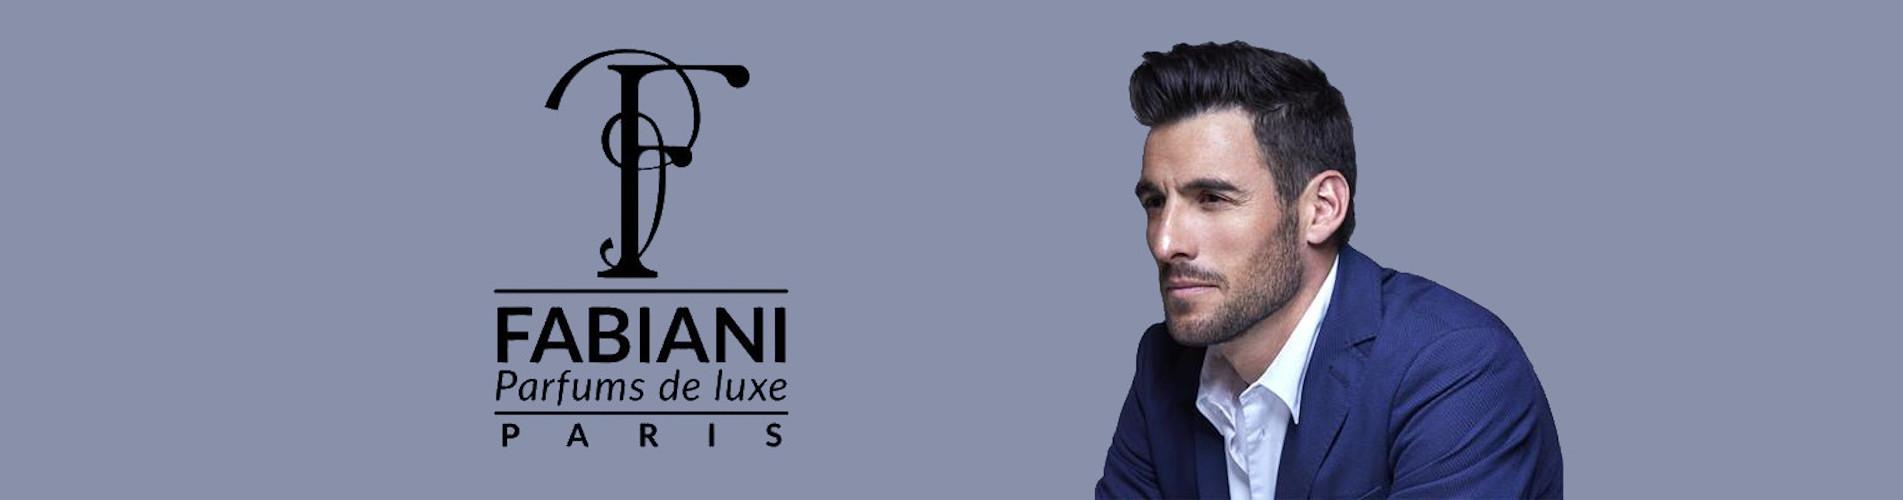 image illustrant les parfums pour homme Fabiani